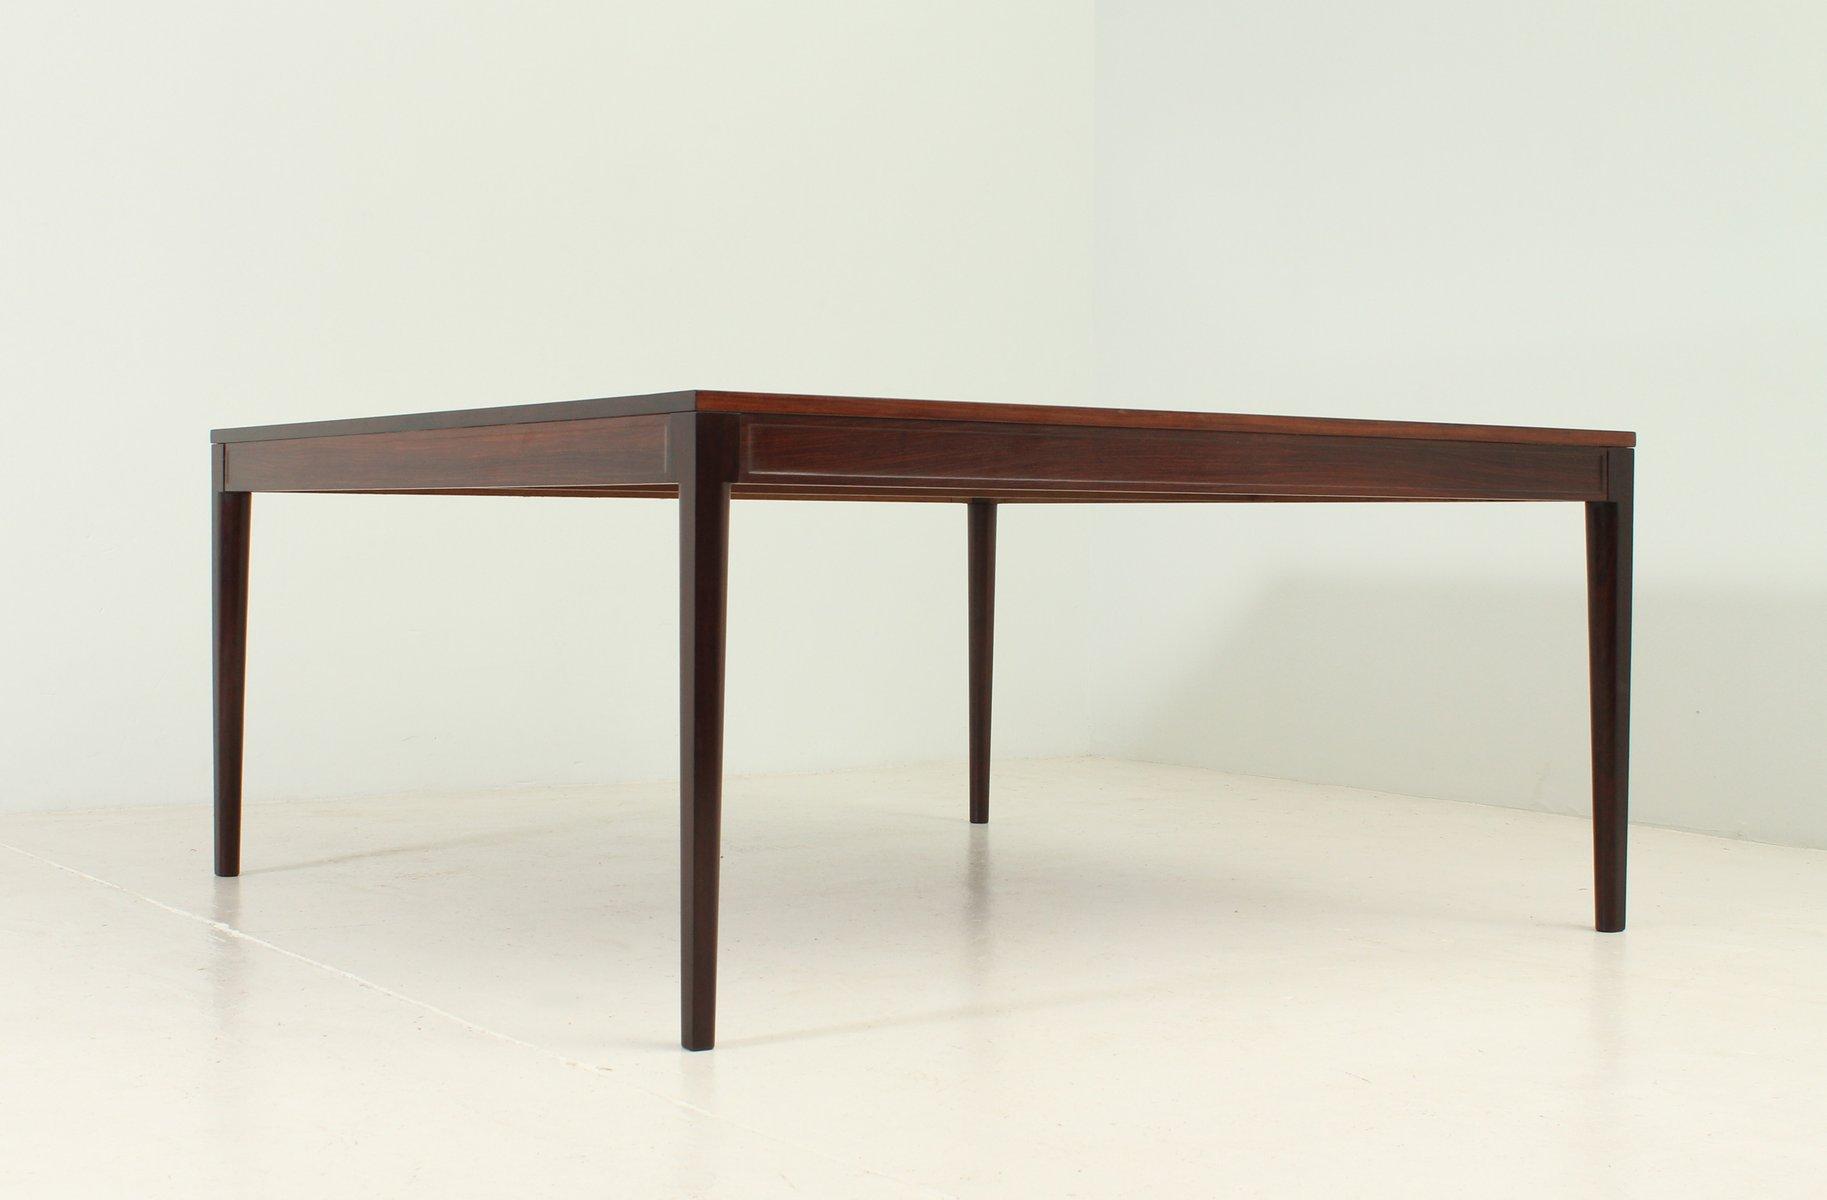 quadratischer diplomat esstisch aus palisander von finn. Black Bedroom Furniture Sets. Home Design Ideas